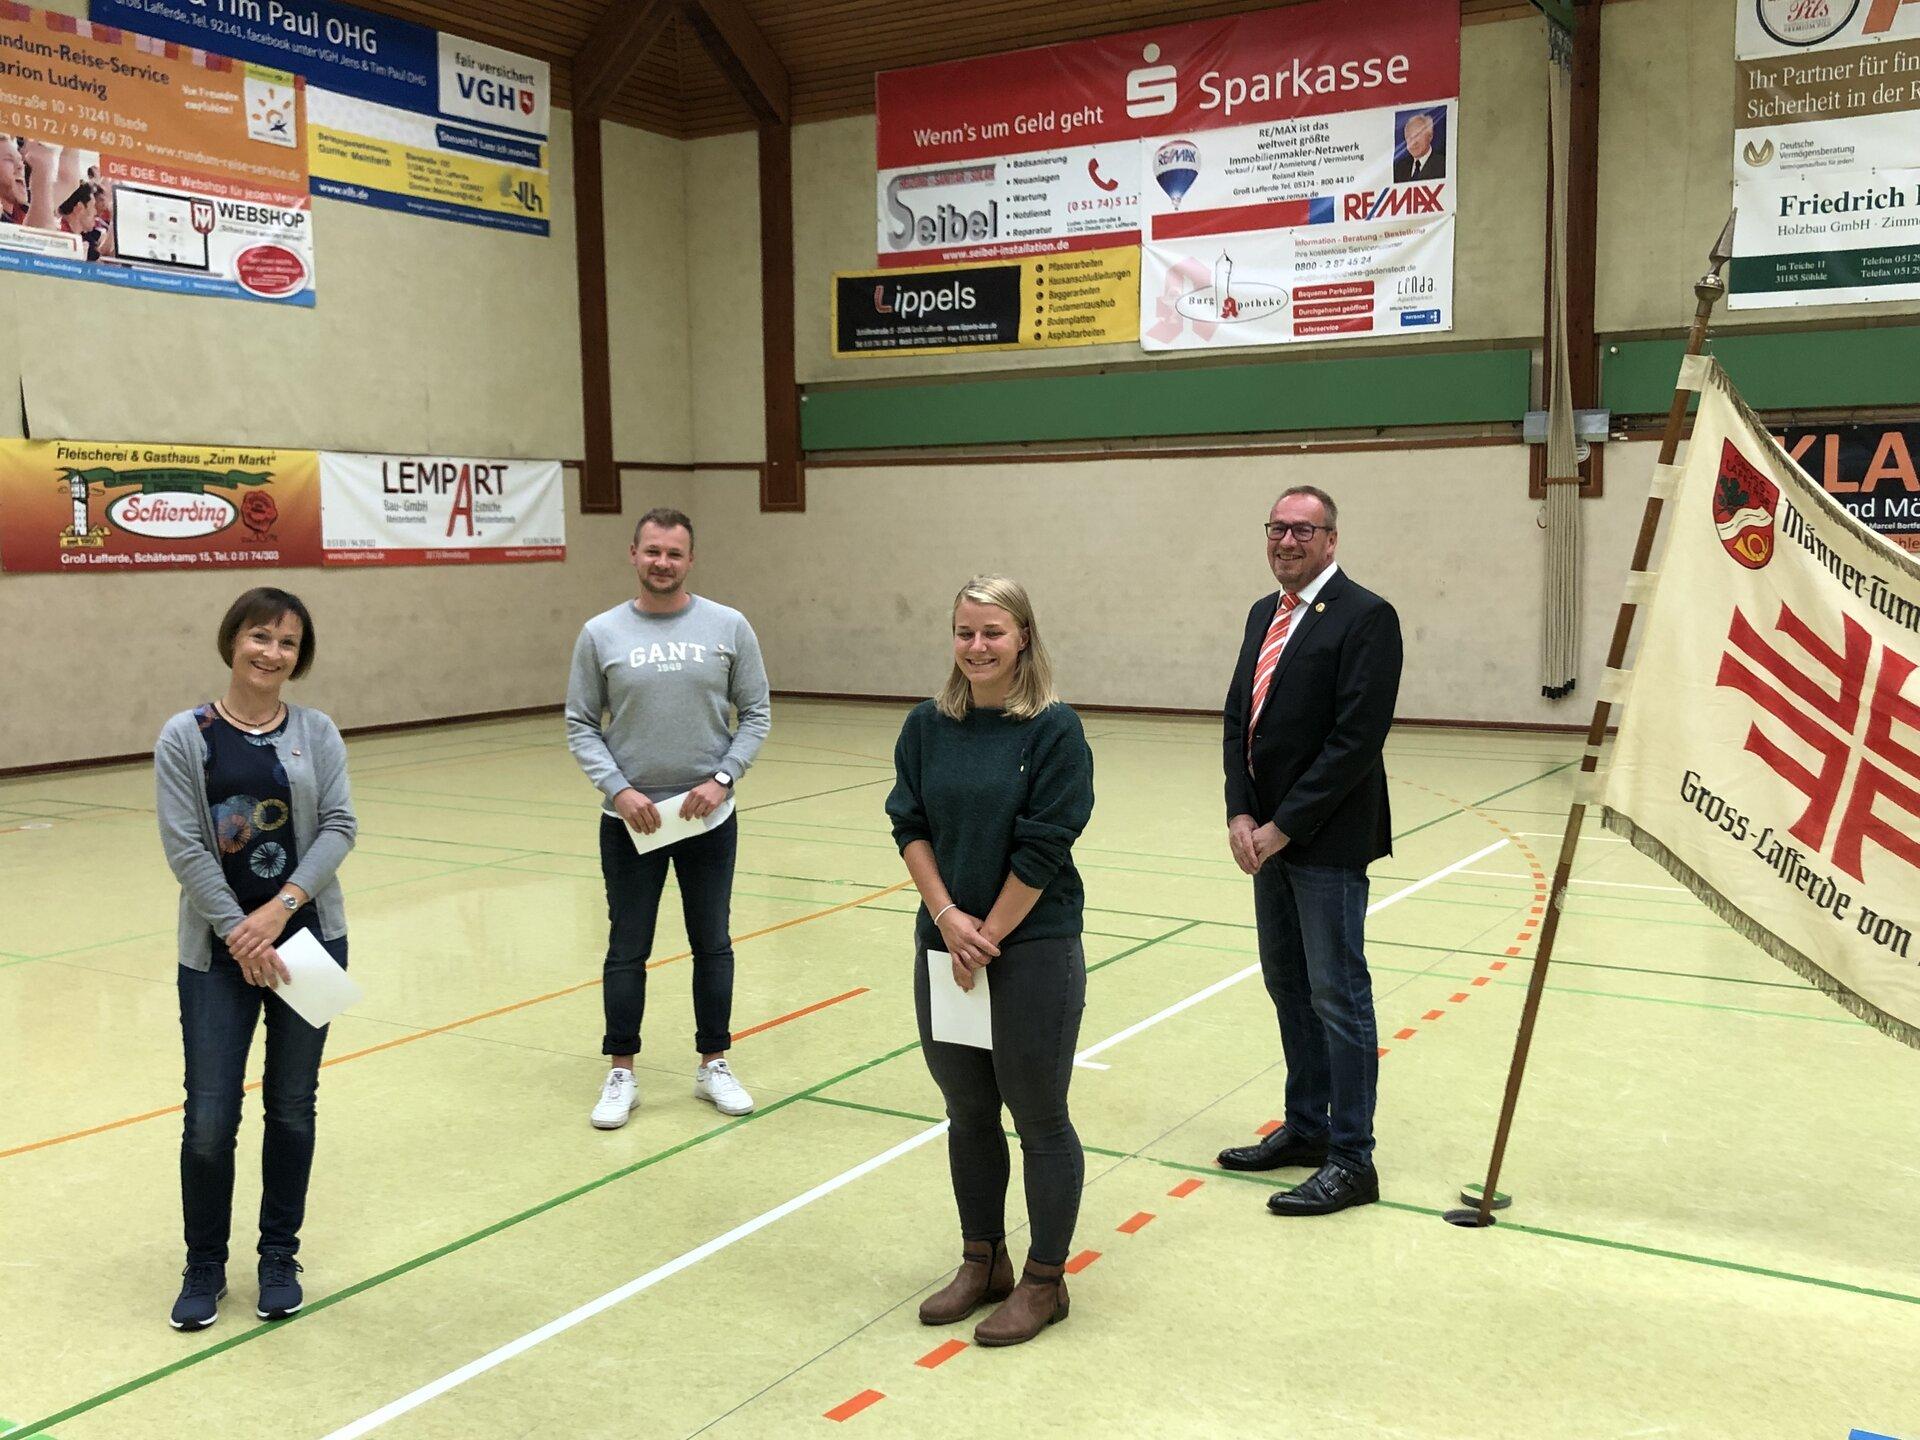 Vereinsnadel in Bronze (25 Jahre Mitgliedschaft): Petra Grunst, Lukas Bühn, Johanna Wesche, Andreas Winkler (v.l.)